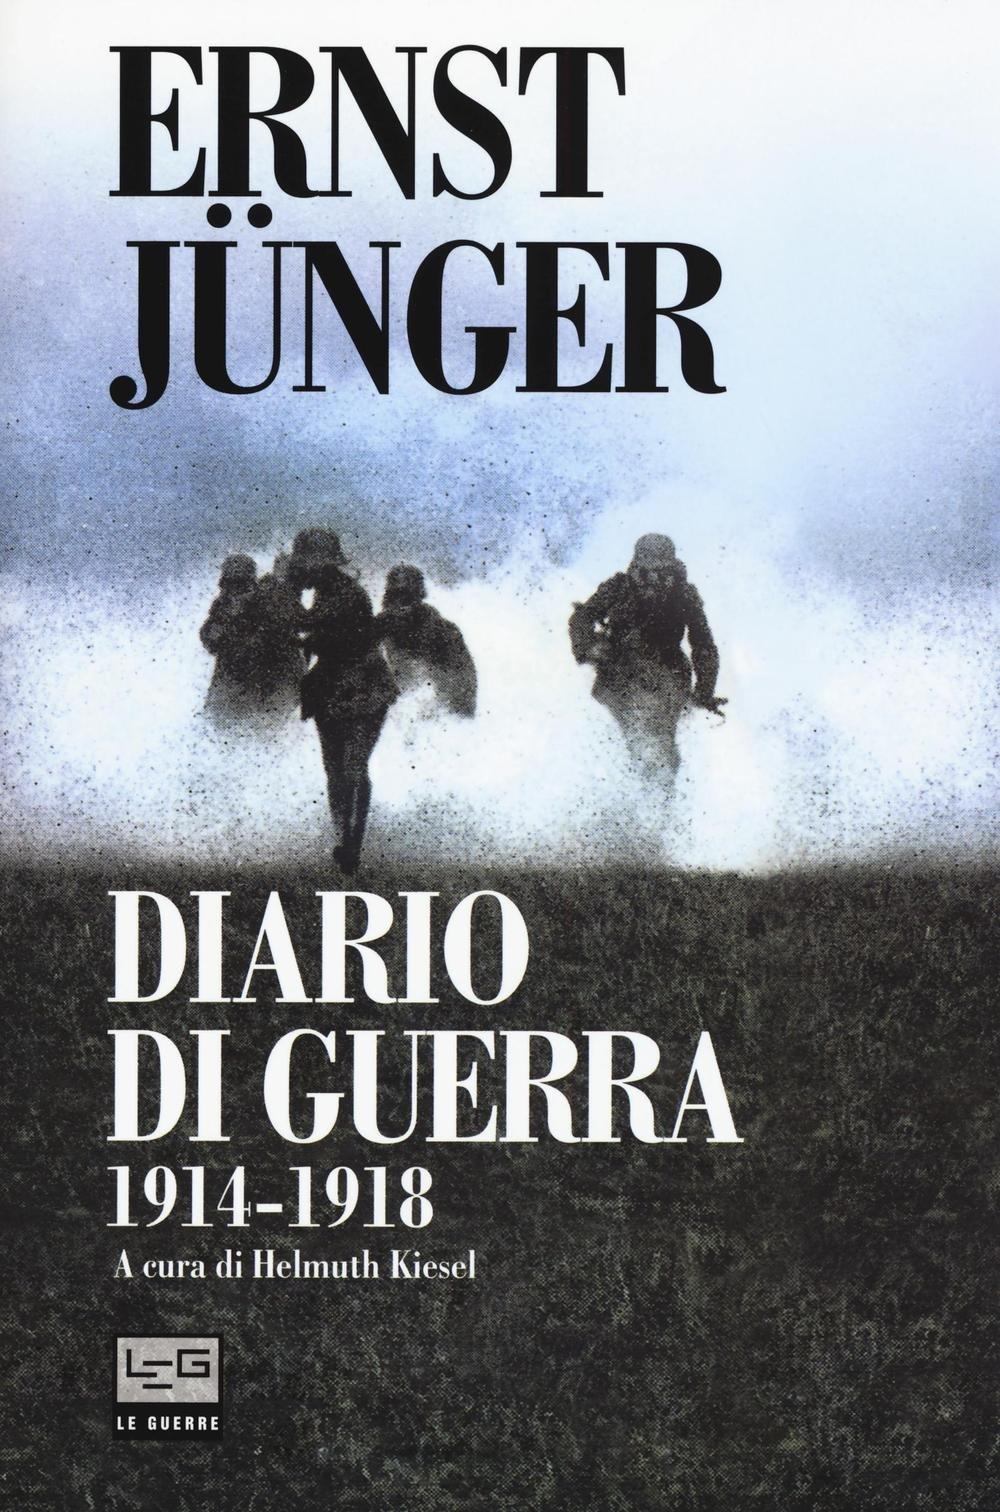 Diario di guerra